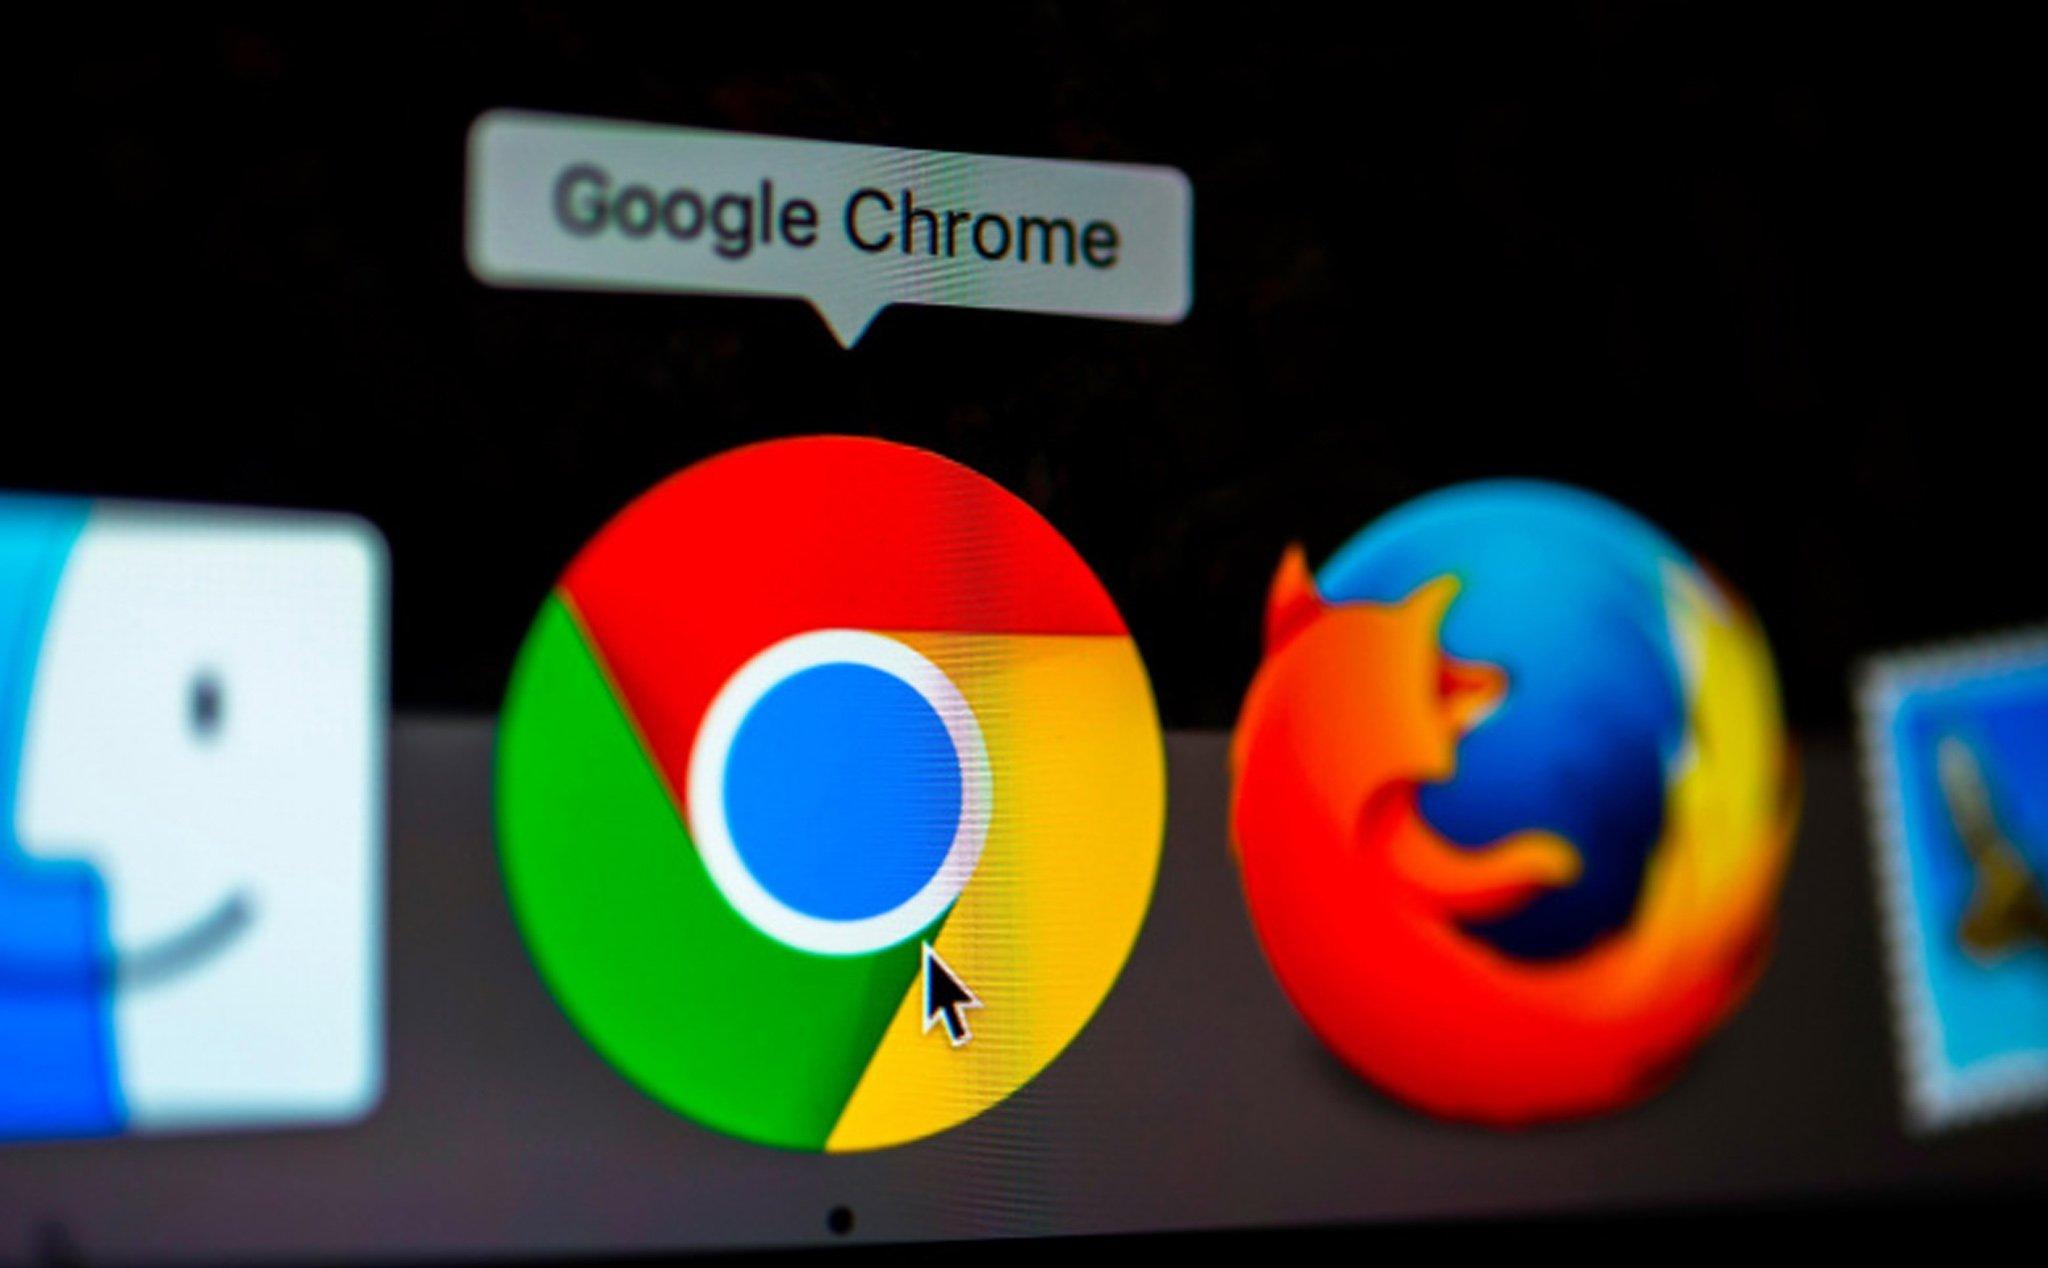 Злоумышленники использовали баг  в Google Chrome для внедрения в систему